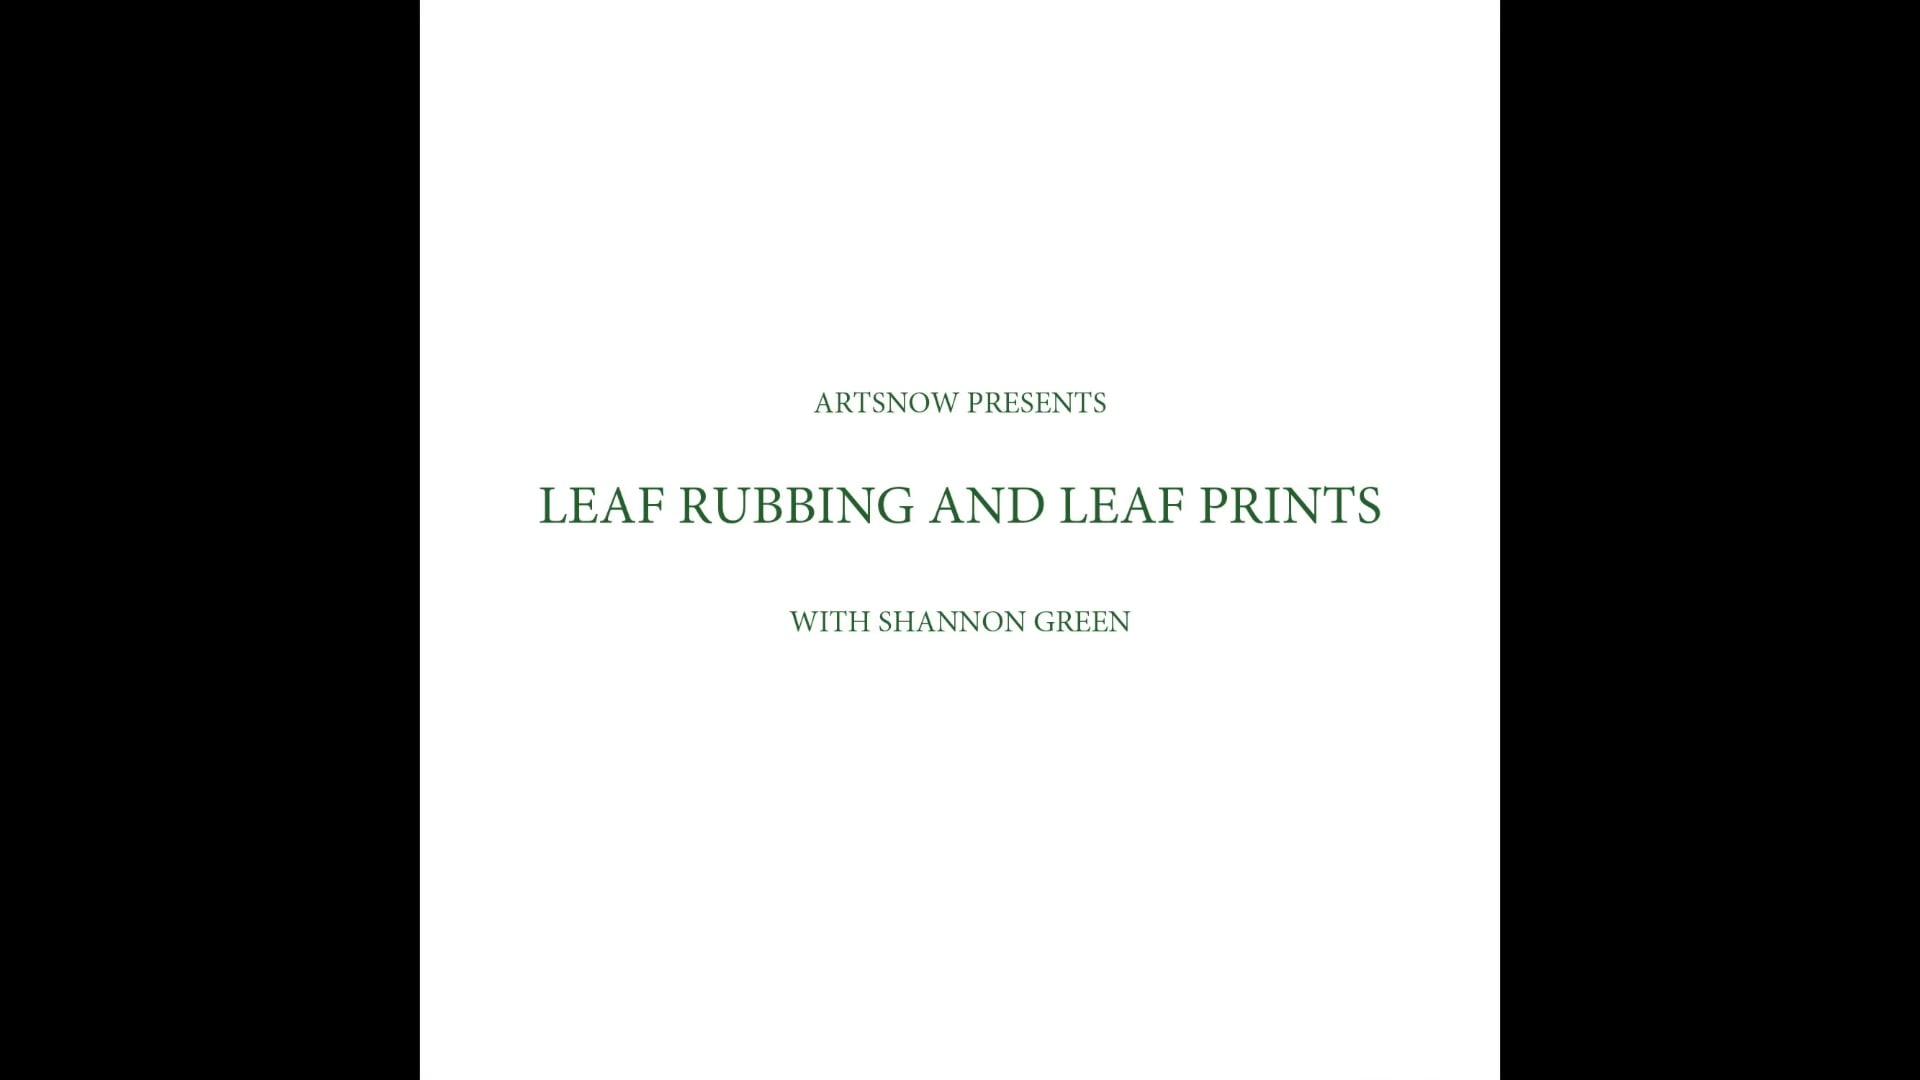 New Digital Ideas: Leaf Rubbing and Leaf Prints